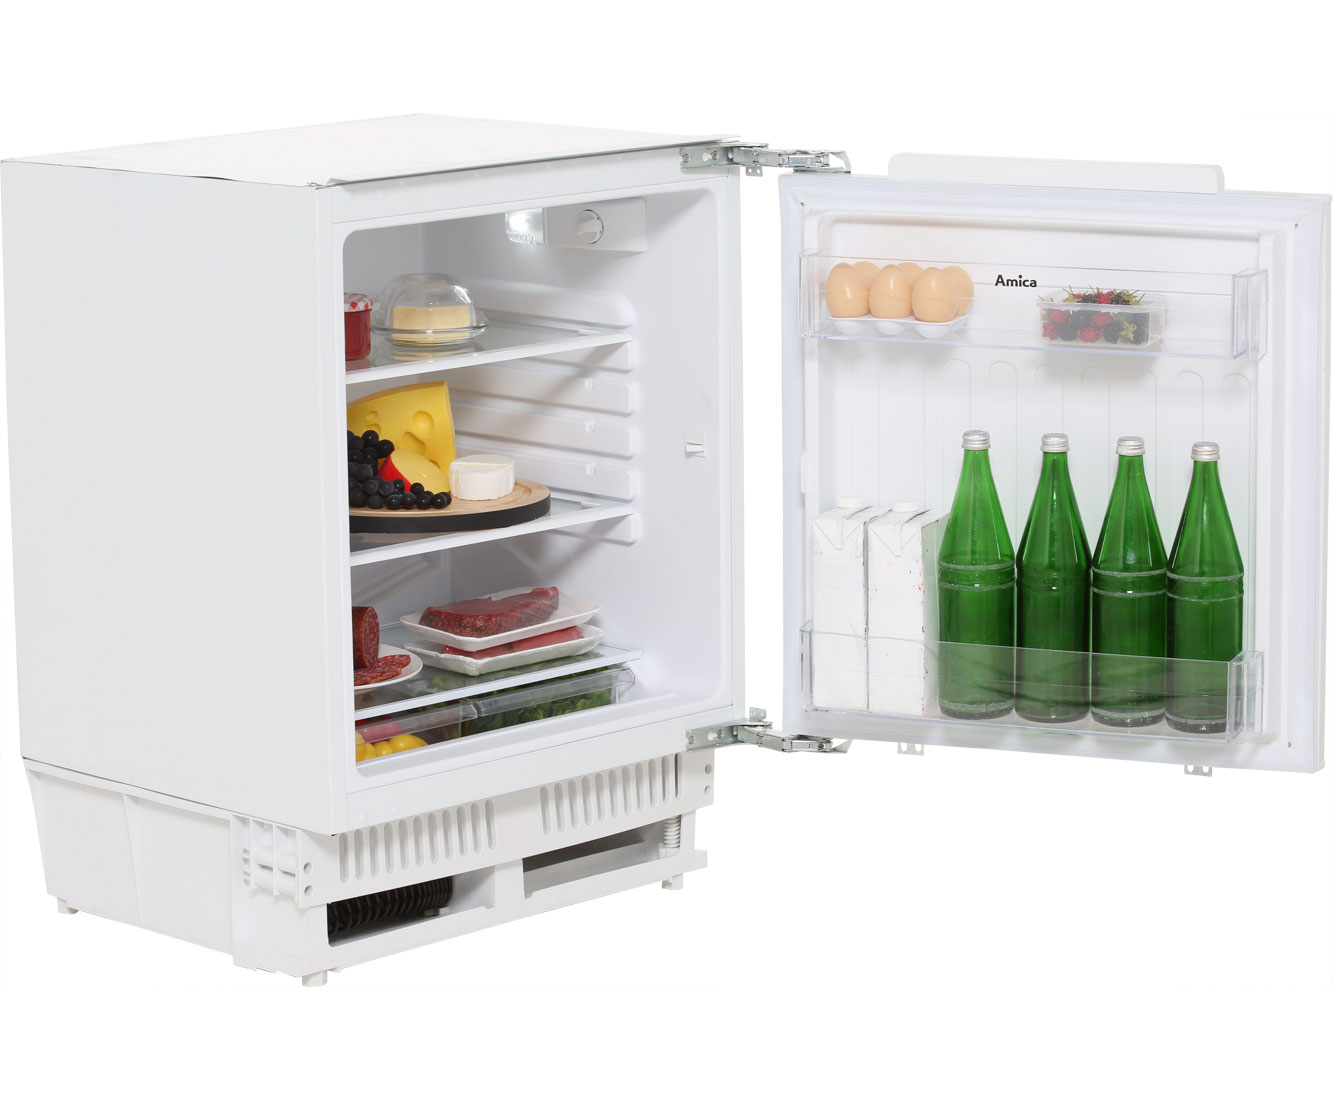 Mini Kühlschrank Abschließbar : Liebherr mini kühlschrank mit glastüre liebherr